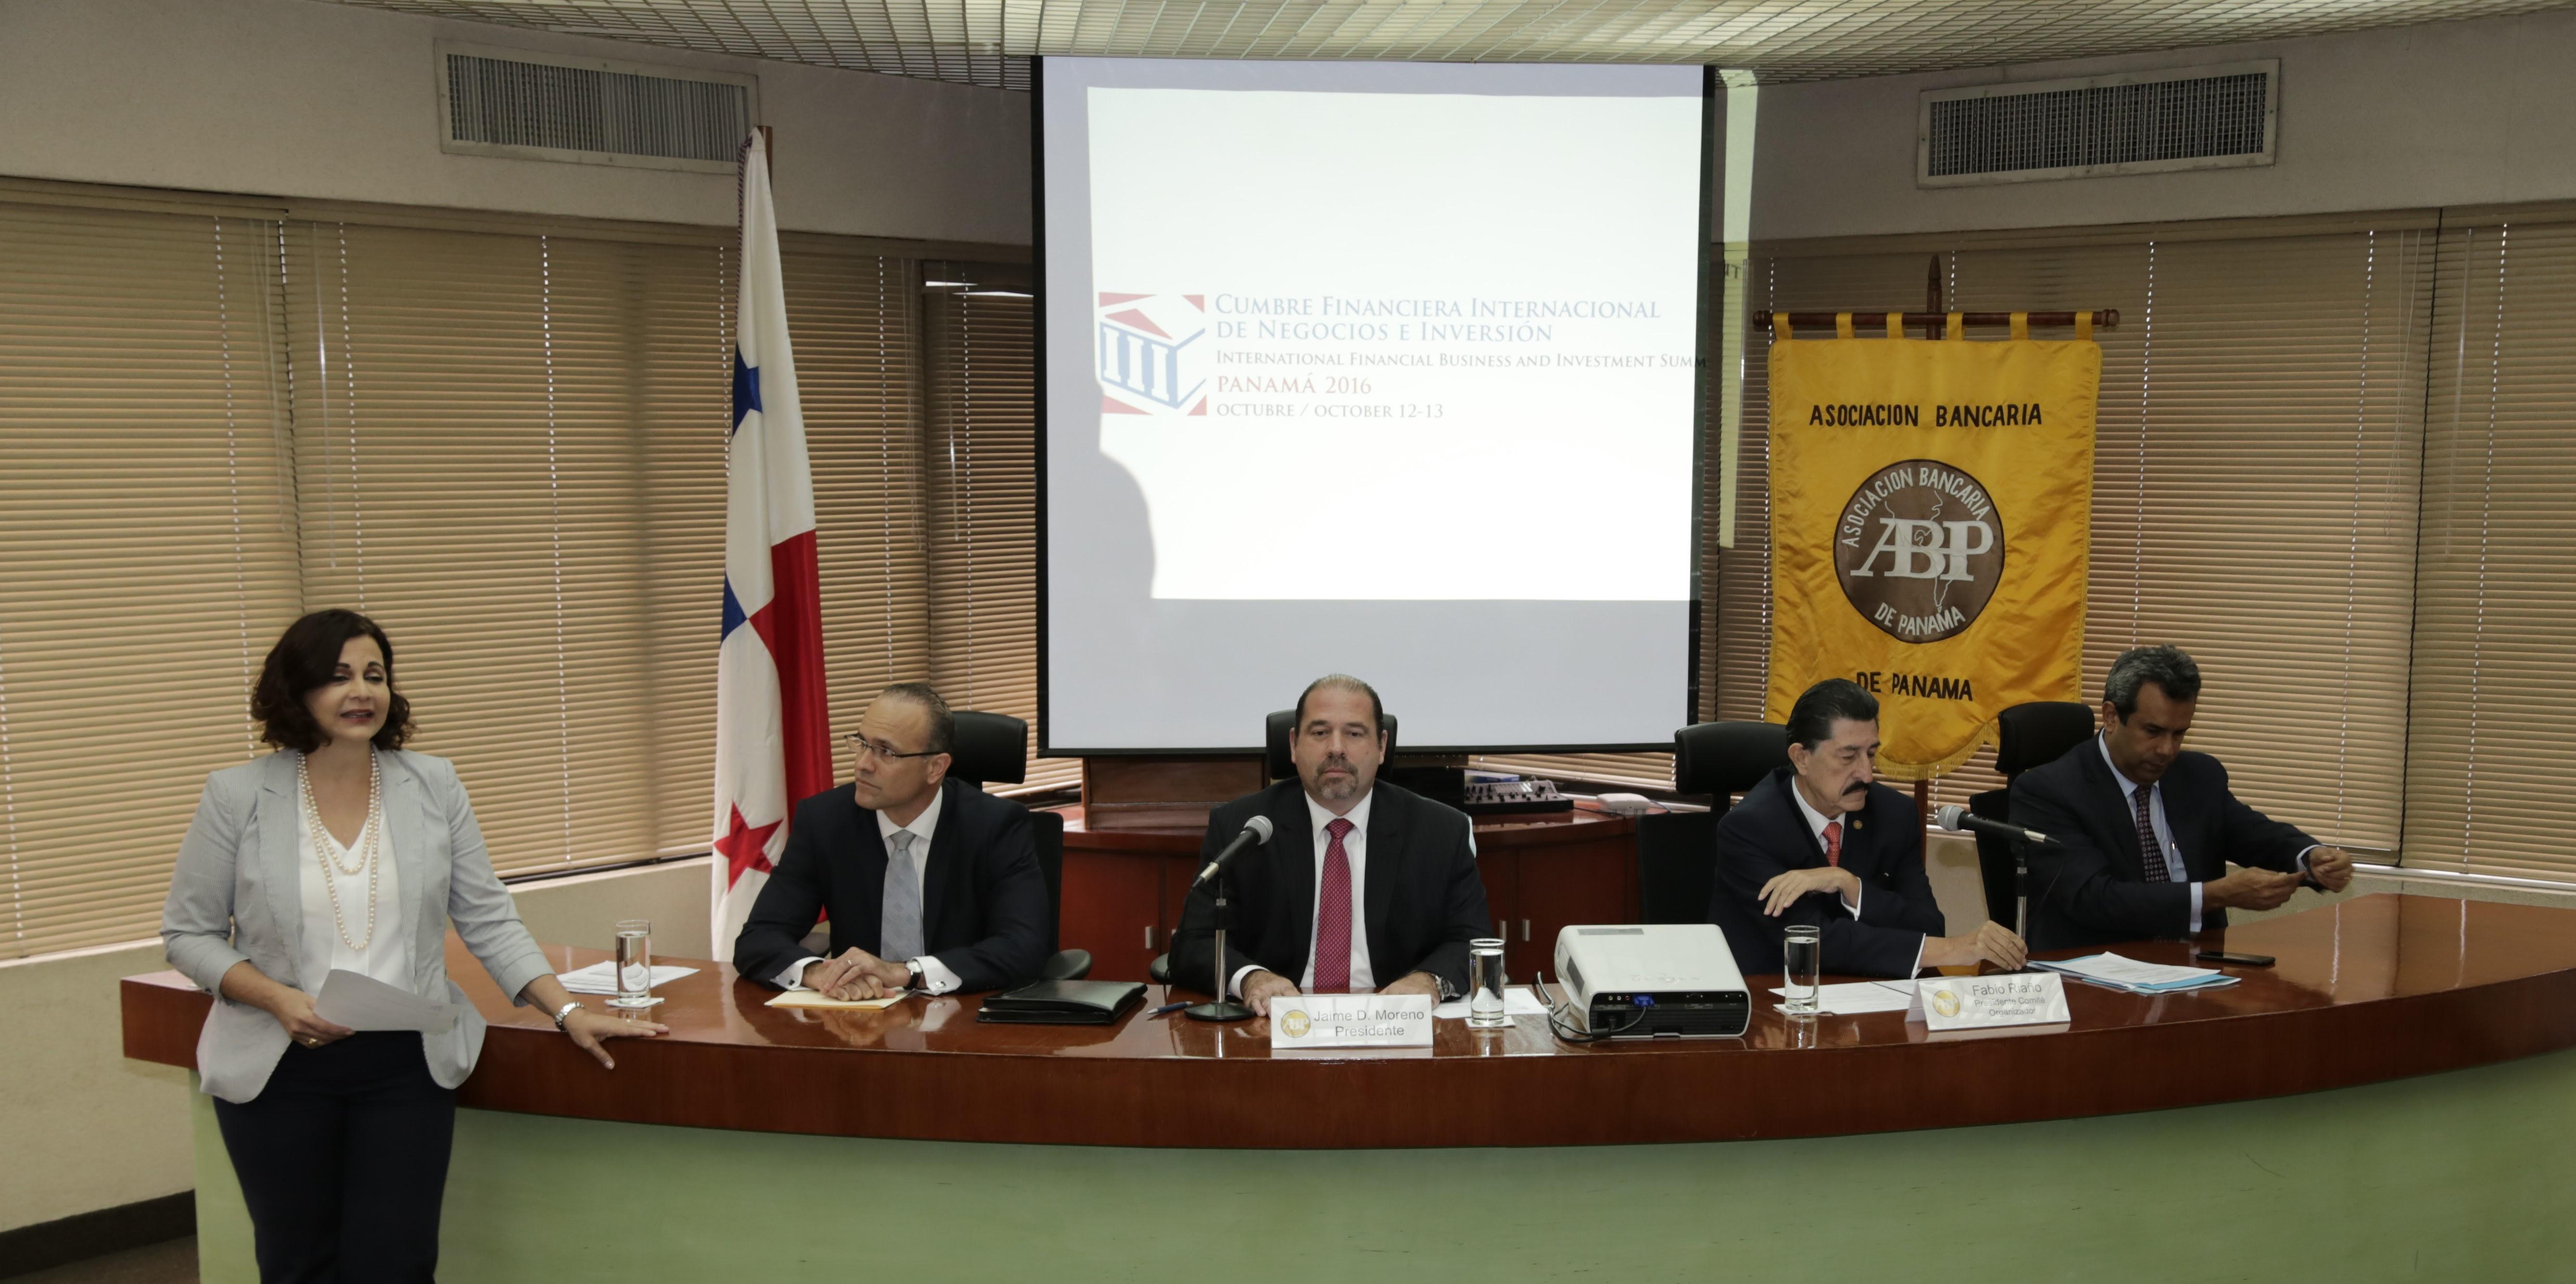 Cumbre Financiera Internacional de Negocios e Inversión en Panamá